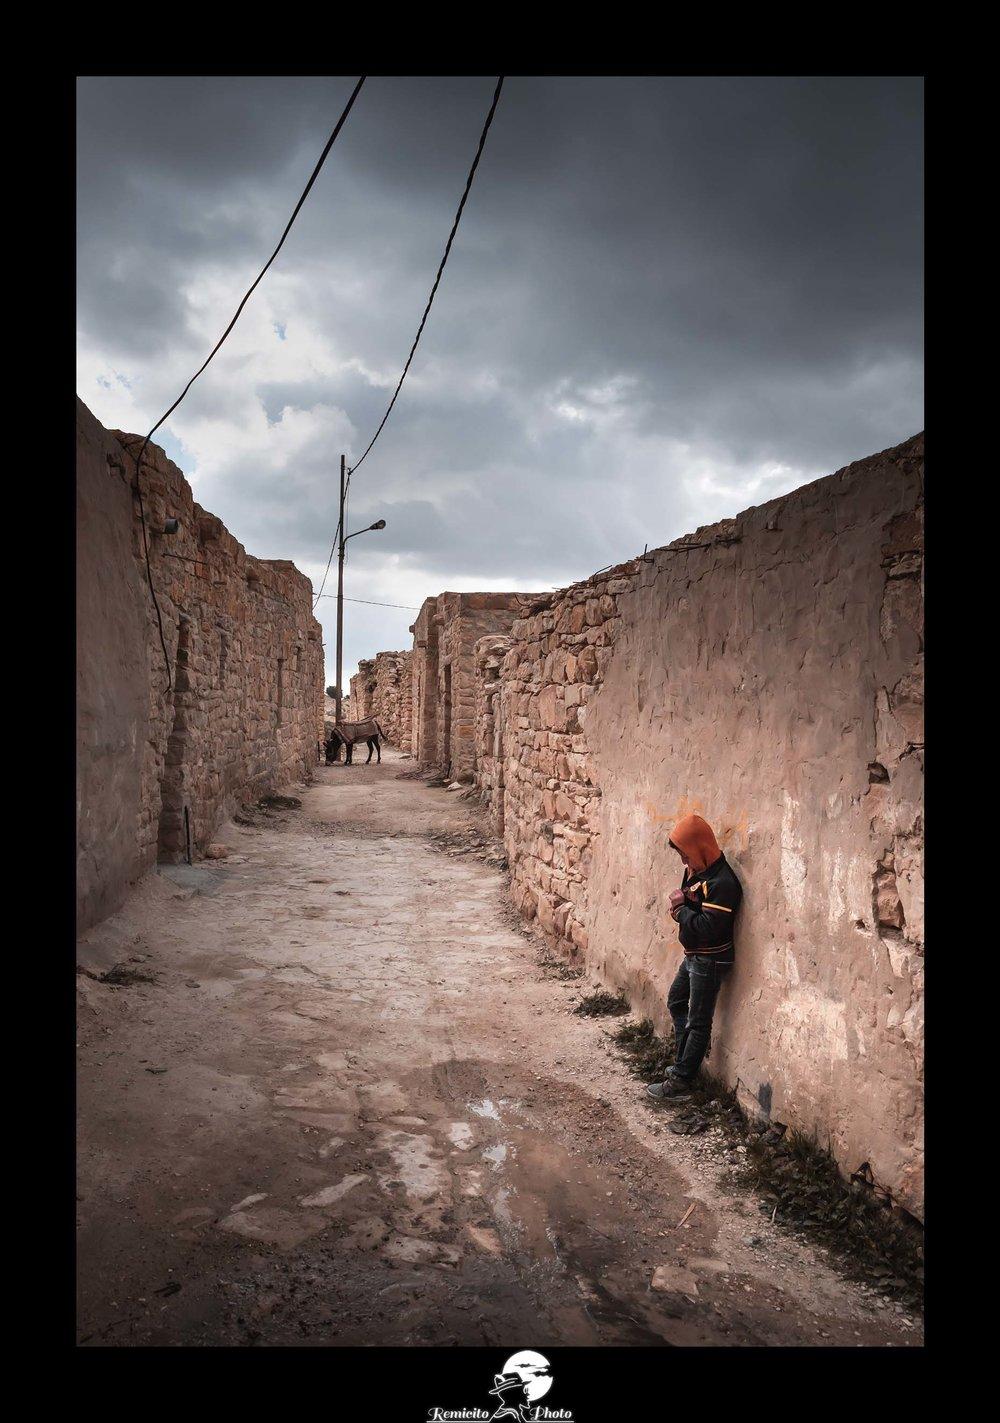 remicito, photoclub paris val-de-bièvre, remicito rémi lacombe, photo voyage jordanie enfant rue